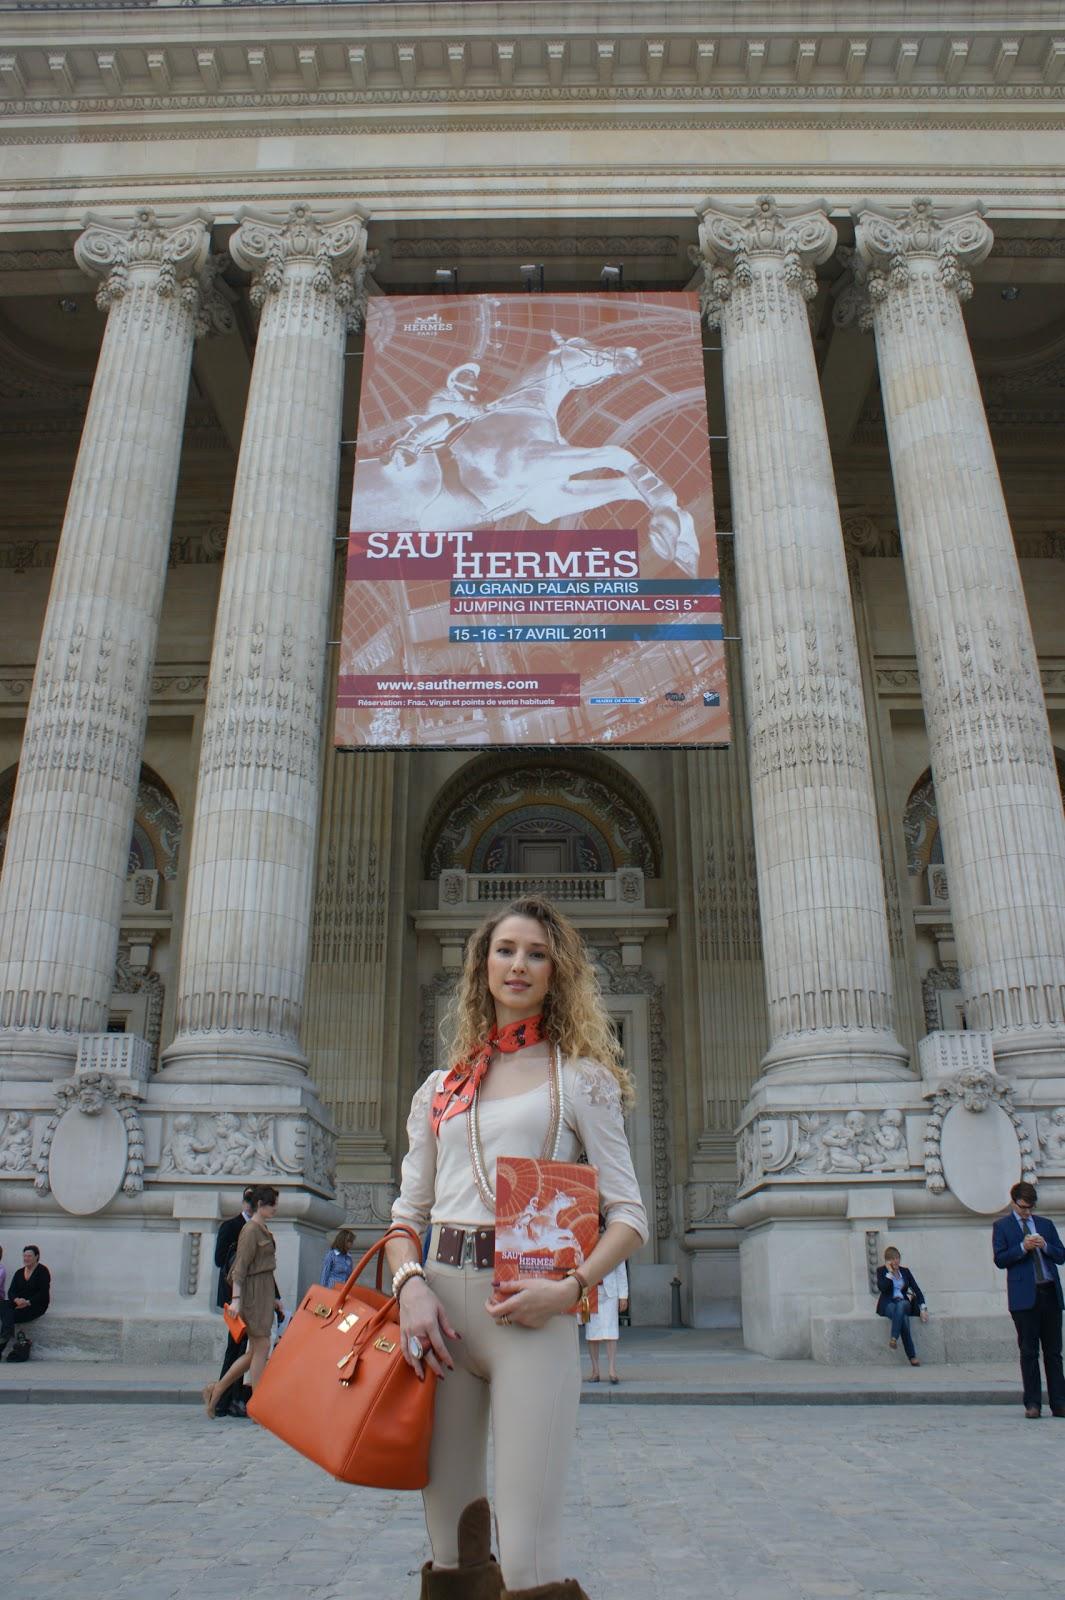 SAUT HERMES Au Grand Palais, Paris